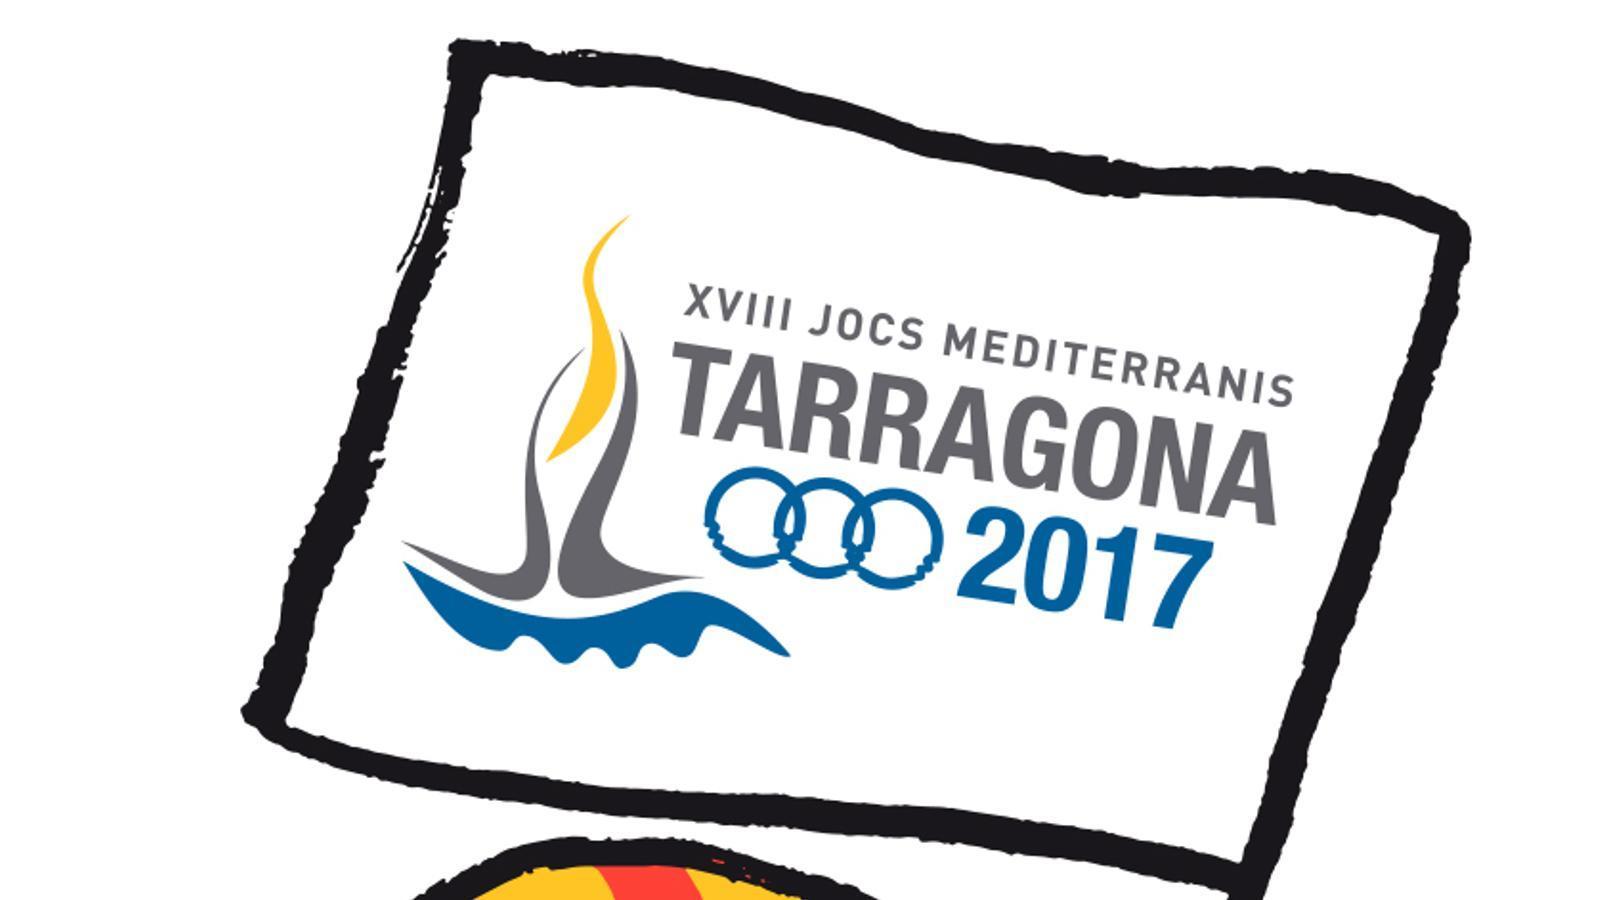 http://www.tarragona2017.cat/ave-tarracus-presentada-la-mascota-dels-jocs-mediterranis-tarragona-2017/